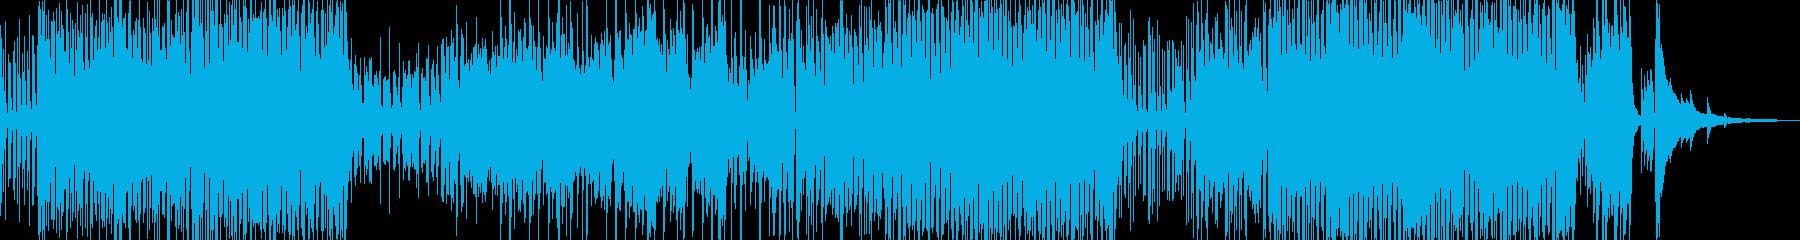 一発芸・三味線&和太鼓の宴ジャズ 泥酔の再生済みの波形